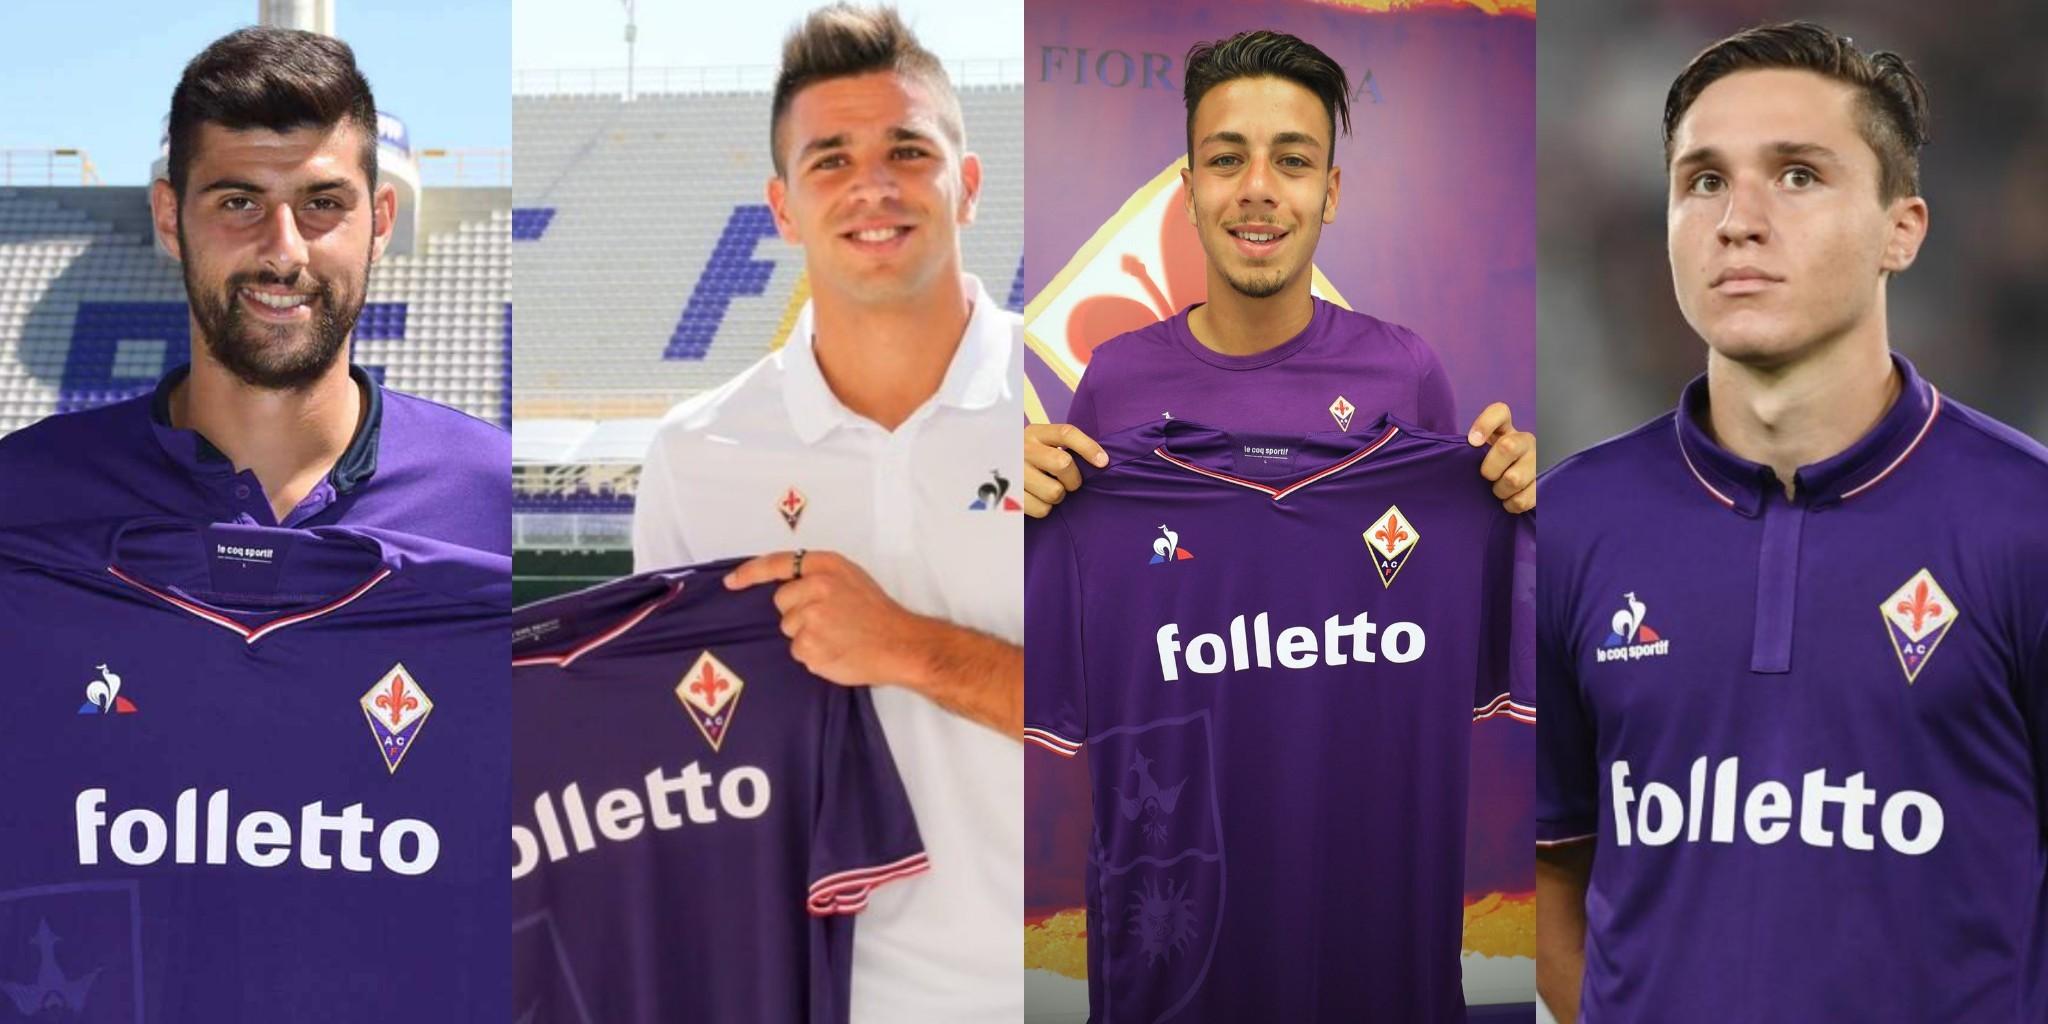 Corriere dello Sport, i quattro giovani viola su cui bisogna scommettere per ripartire. Alla Fiorentina per diventare grandi